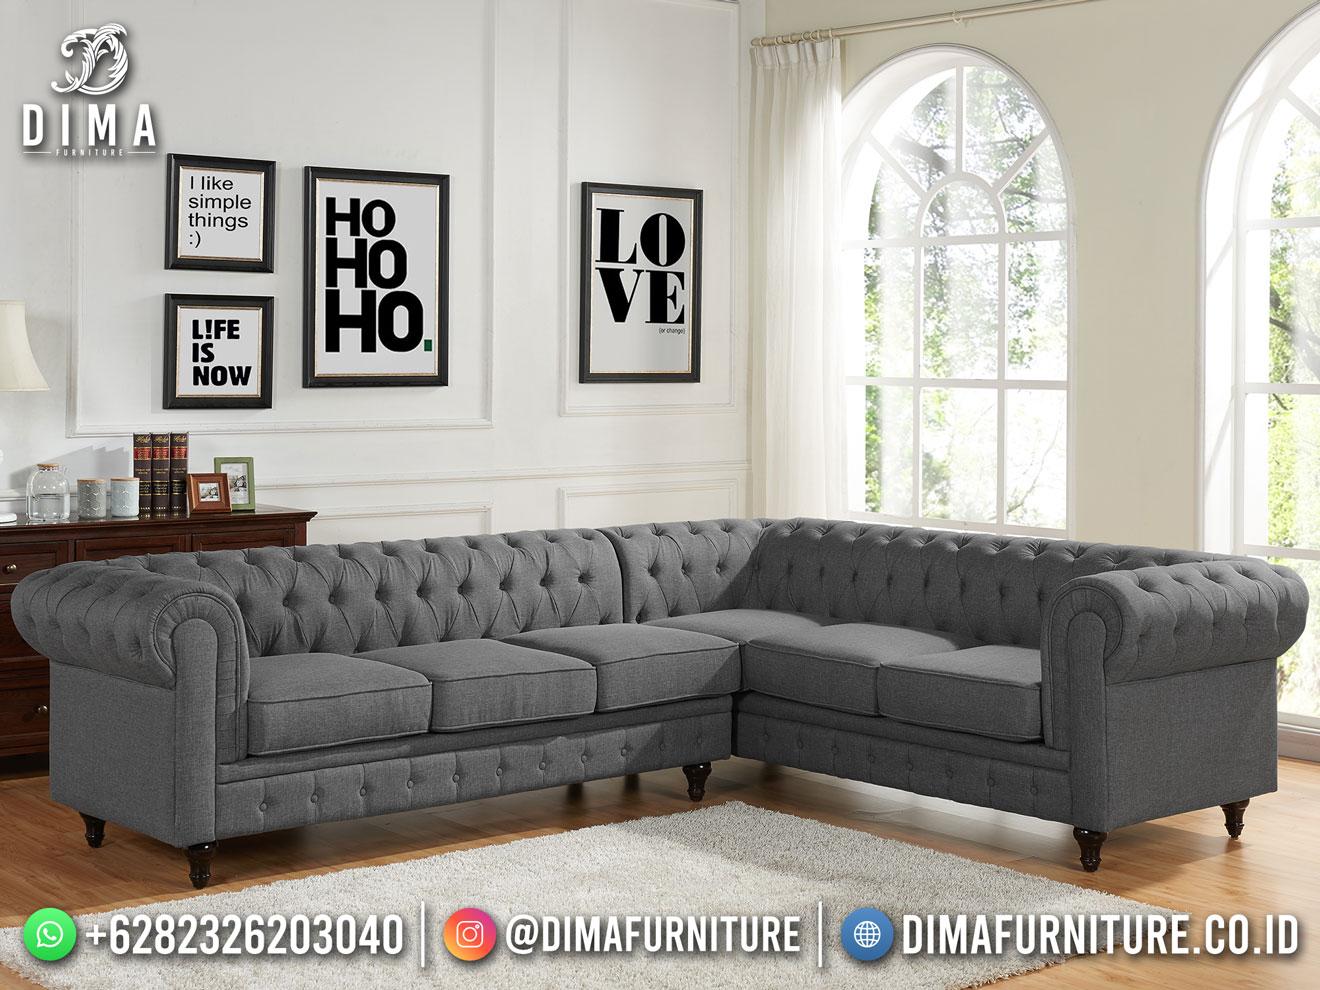 Model Kursi Sofa Sudut Chesterfield Classy Grey Best Furniture TTJ-1907